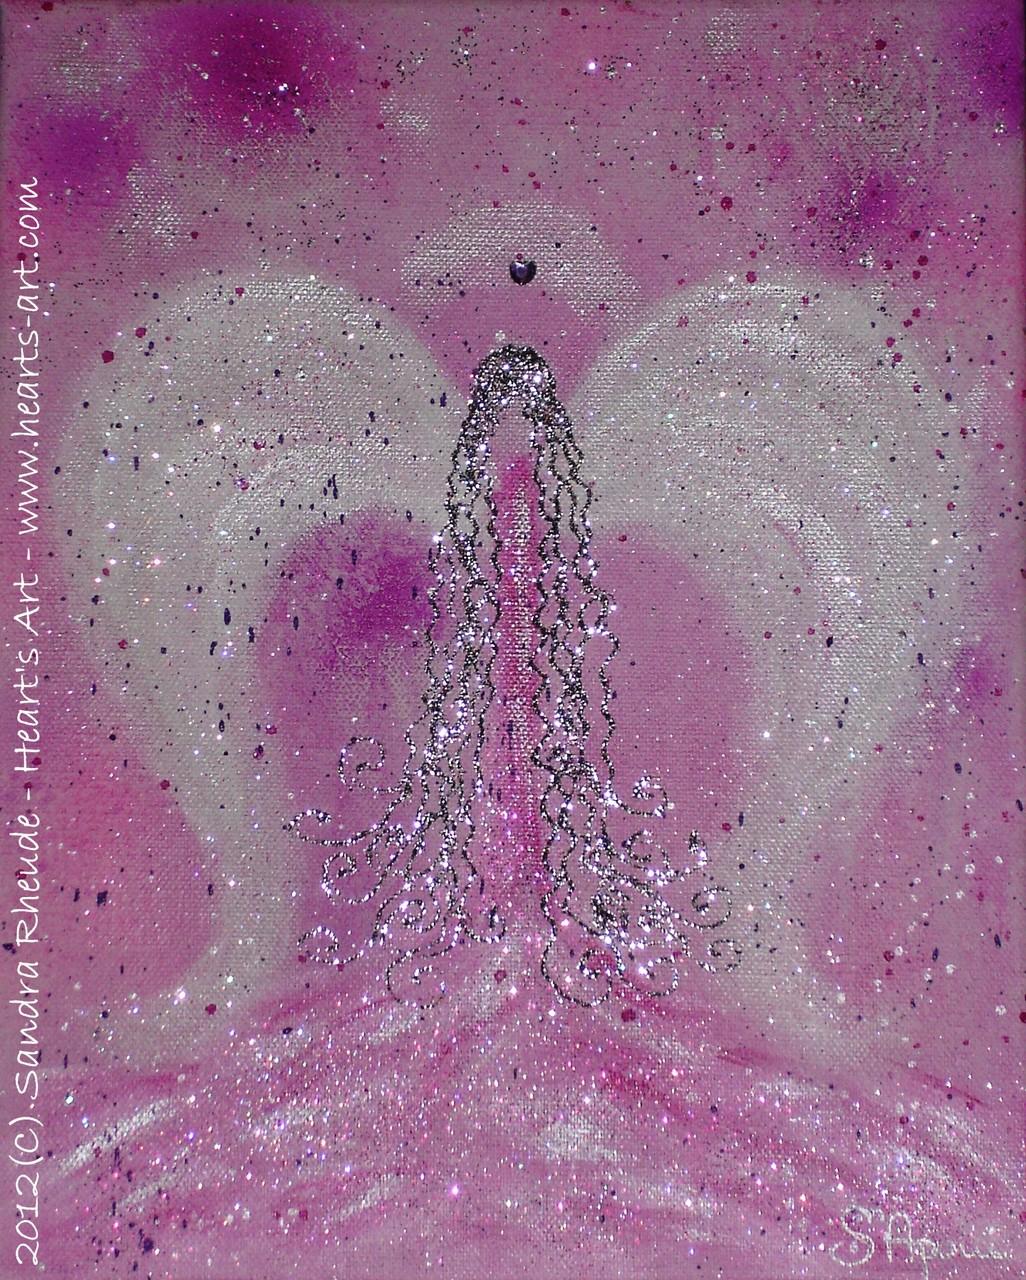 Kinder-Schutzengel 'Hearty' - 2012/49 - Acryl auf Leinwand - 24 x 30 cm - verkauft (München)